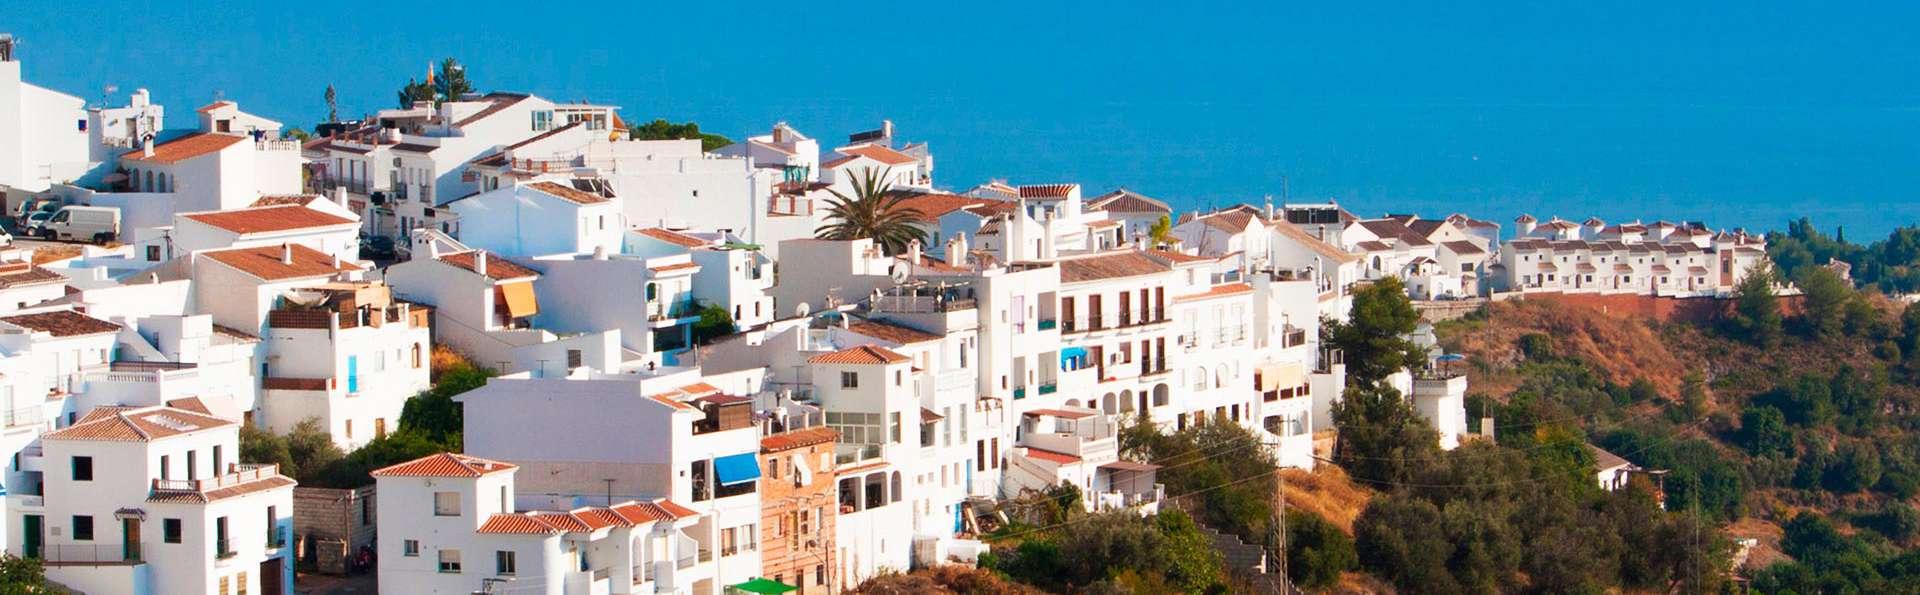 Escapade familiale dans un village blanc andalou, au pied des montagnes avec vue sur la mer